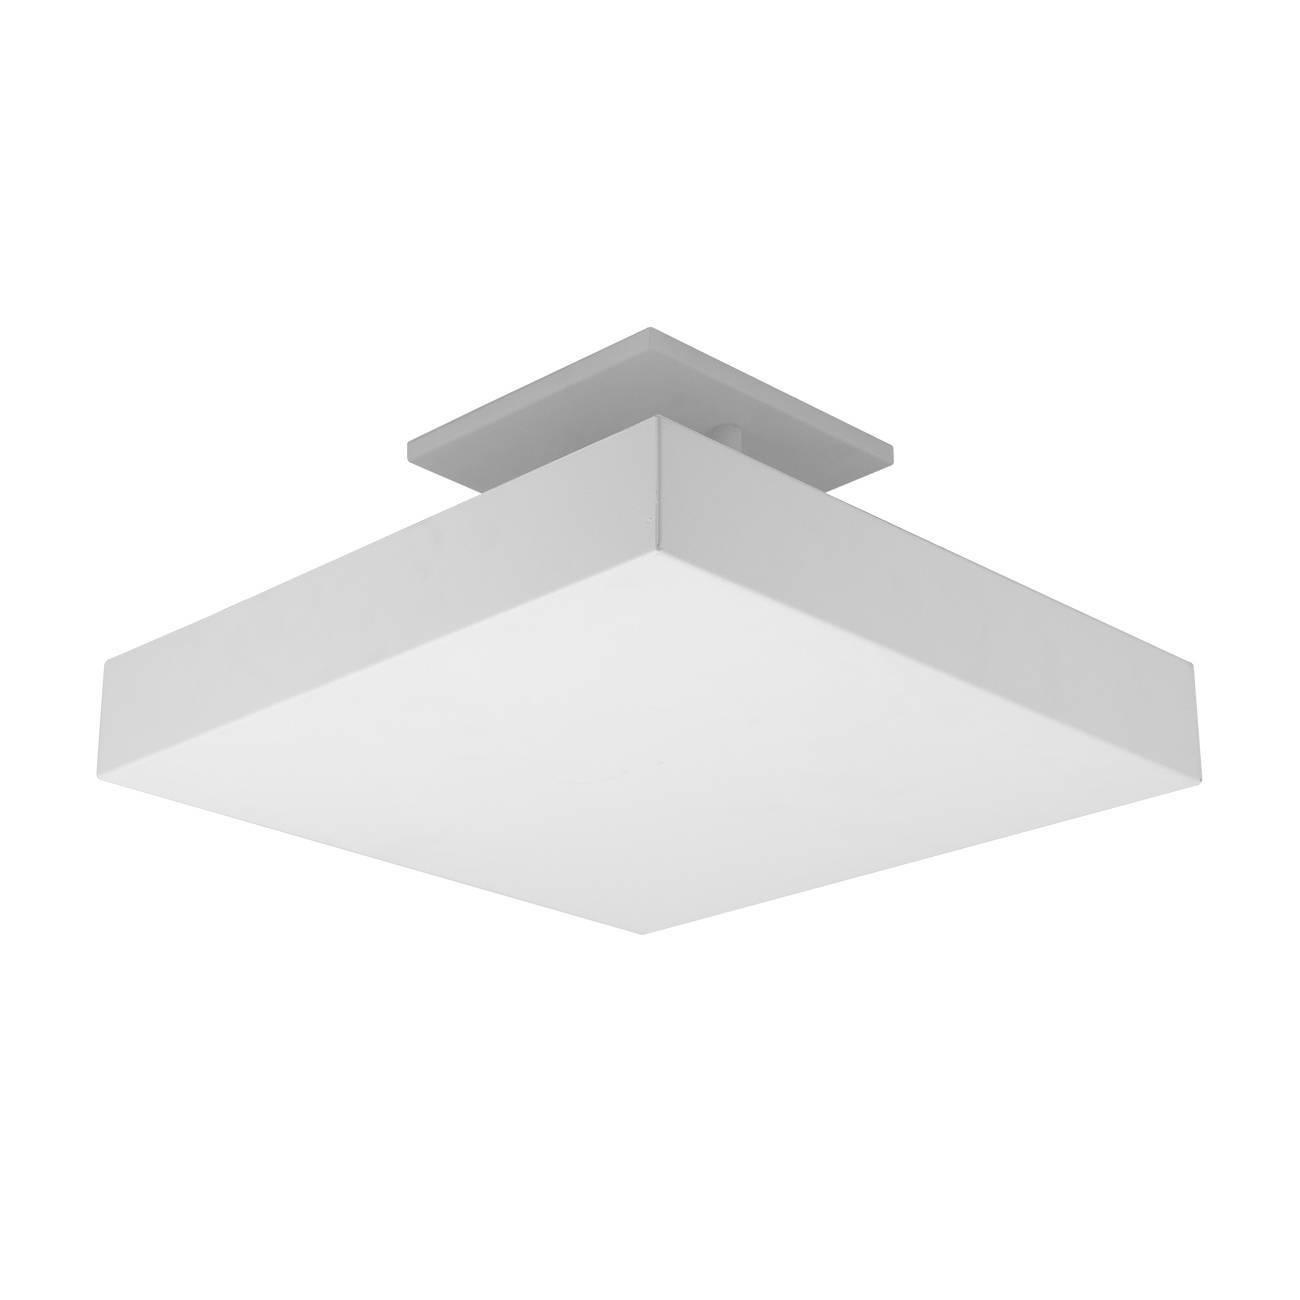 Plafon De Luz Indireta Sobrepor 45x45cm Para 4 Lâmpadas E27  - LCGELETRO